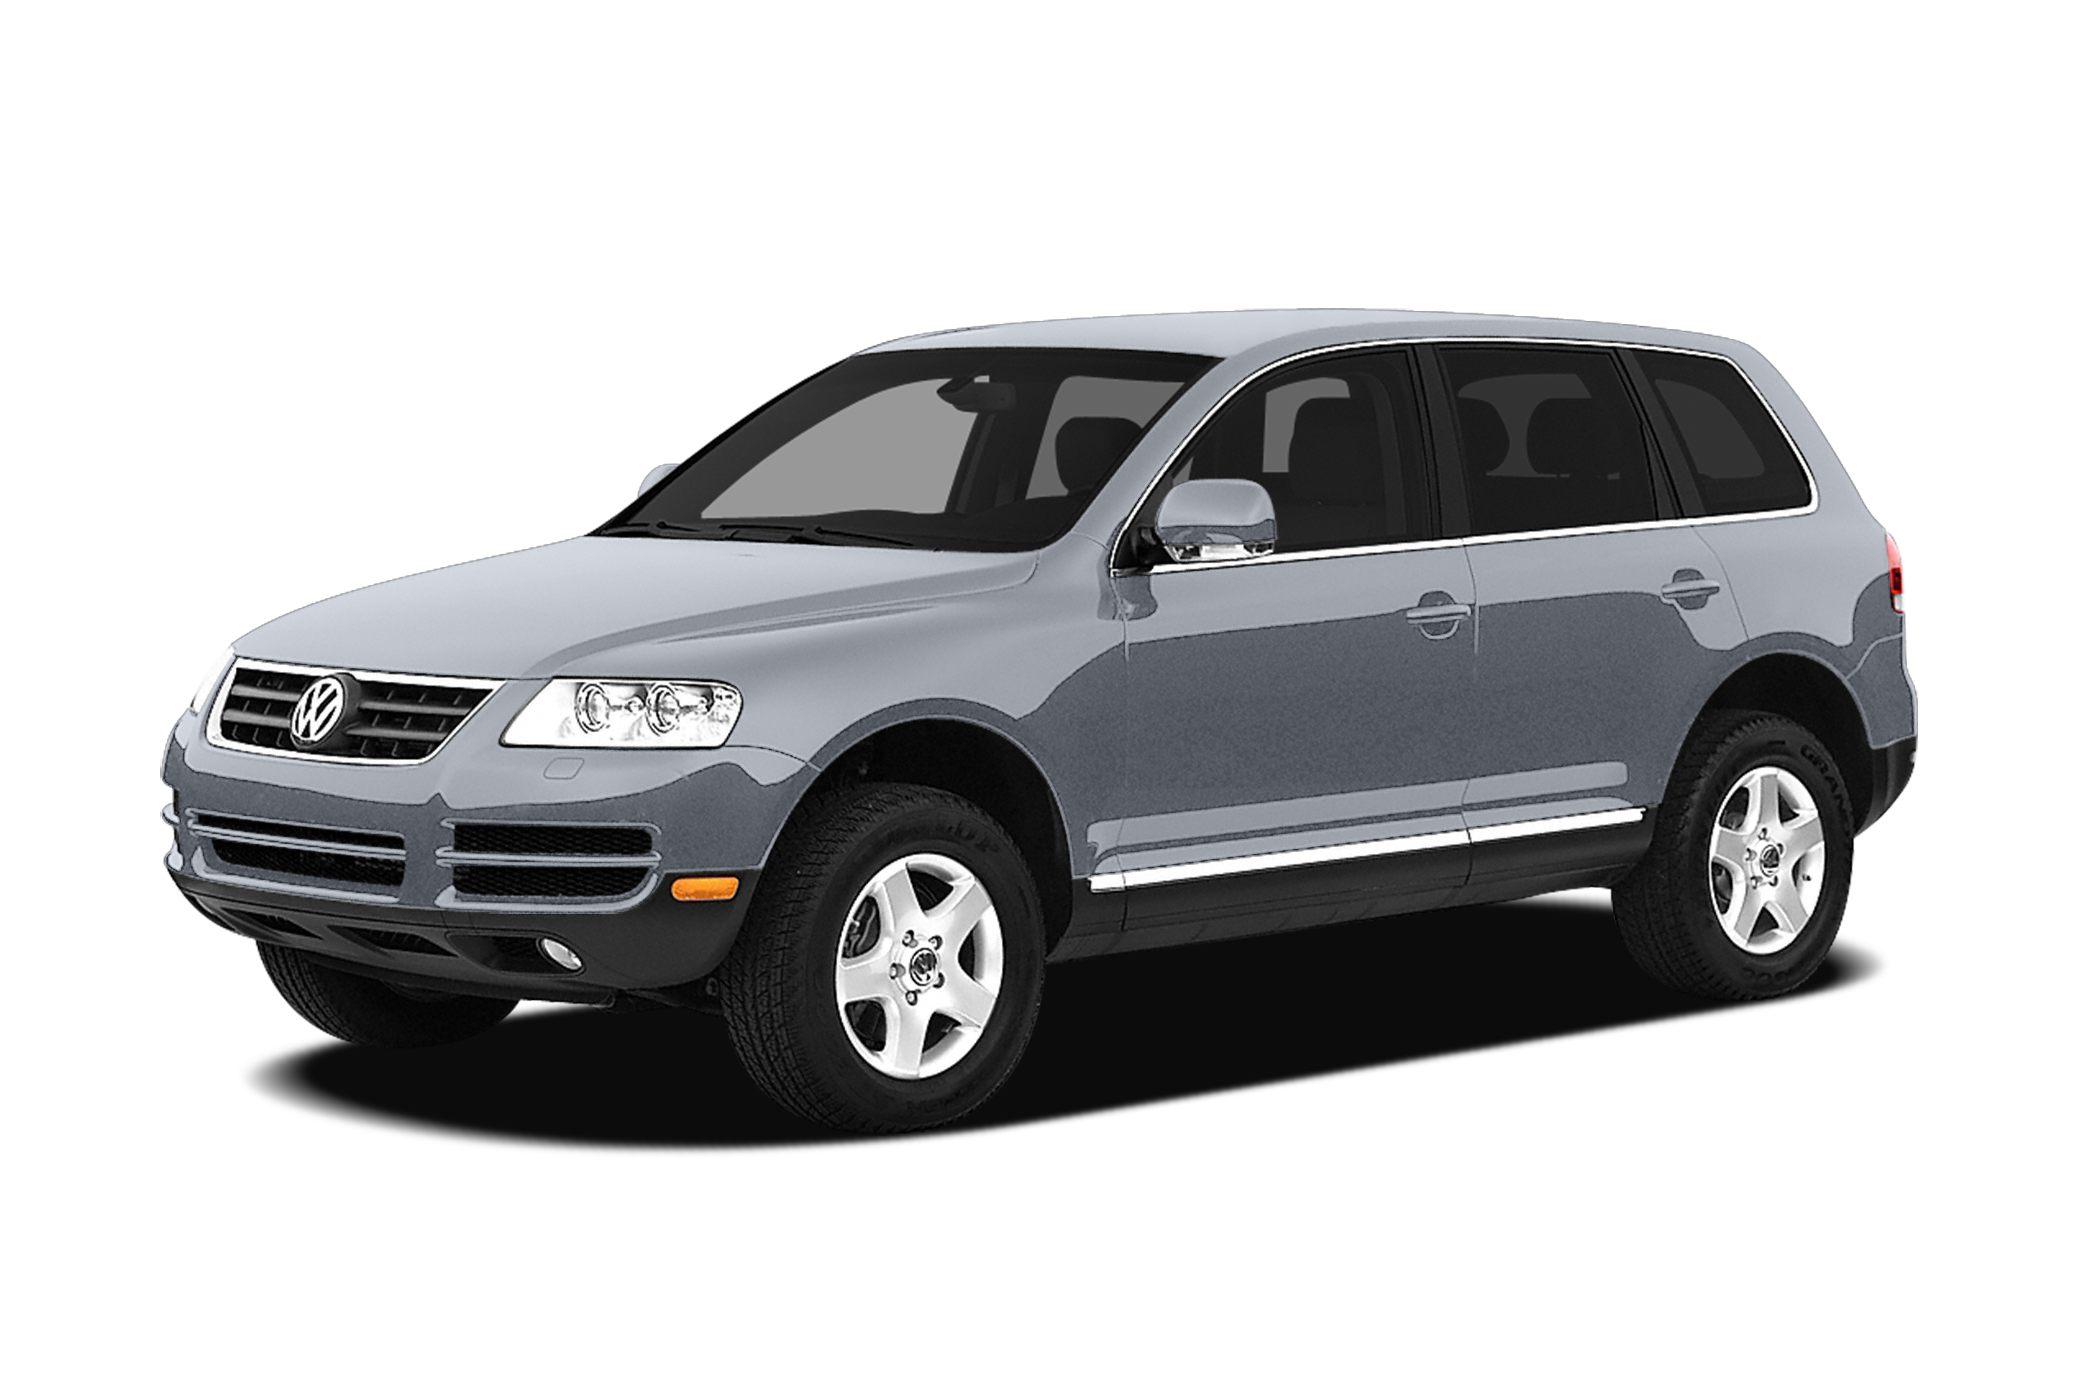 2006 Volkswagen Touareg V6 Miles 177423Stock 6D041787 VIN WVGZG77L46D041787